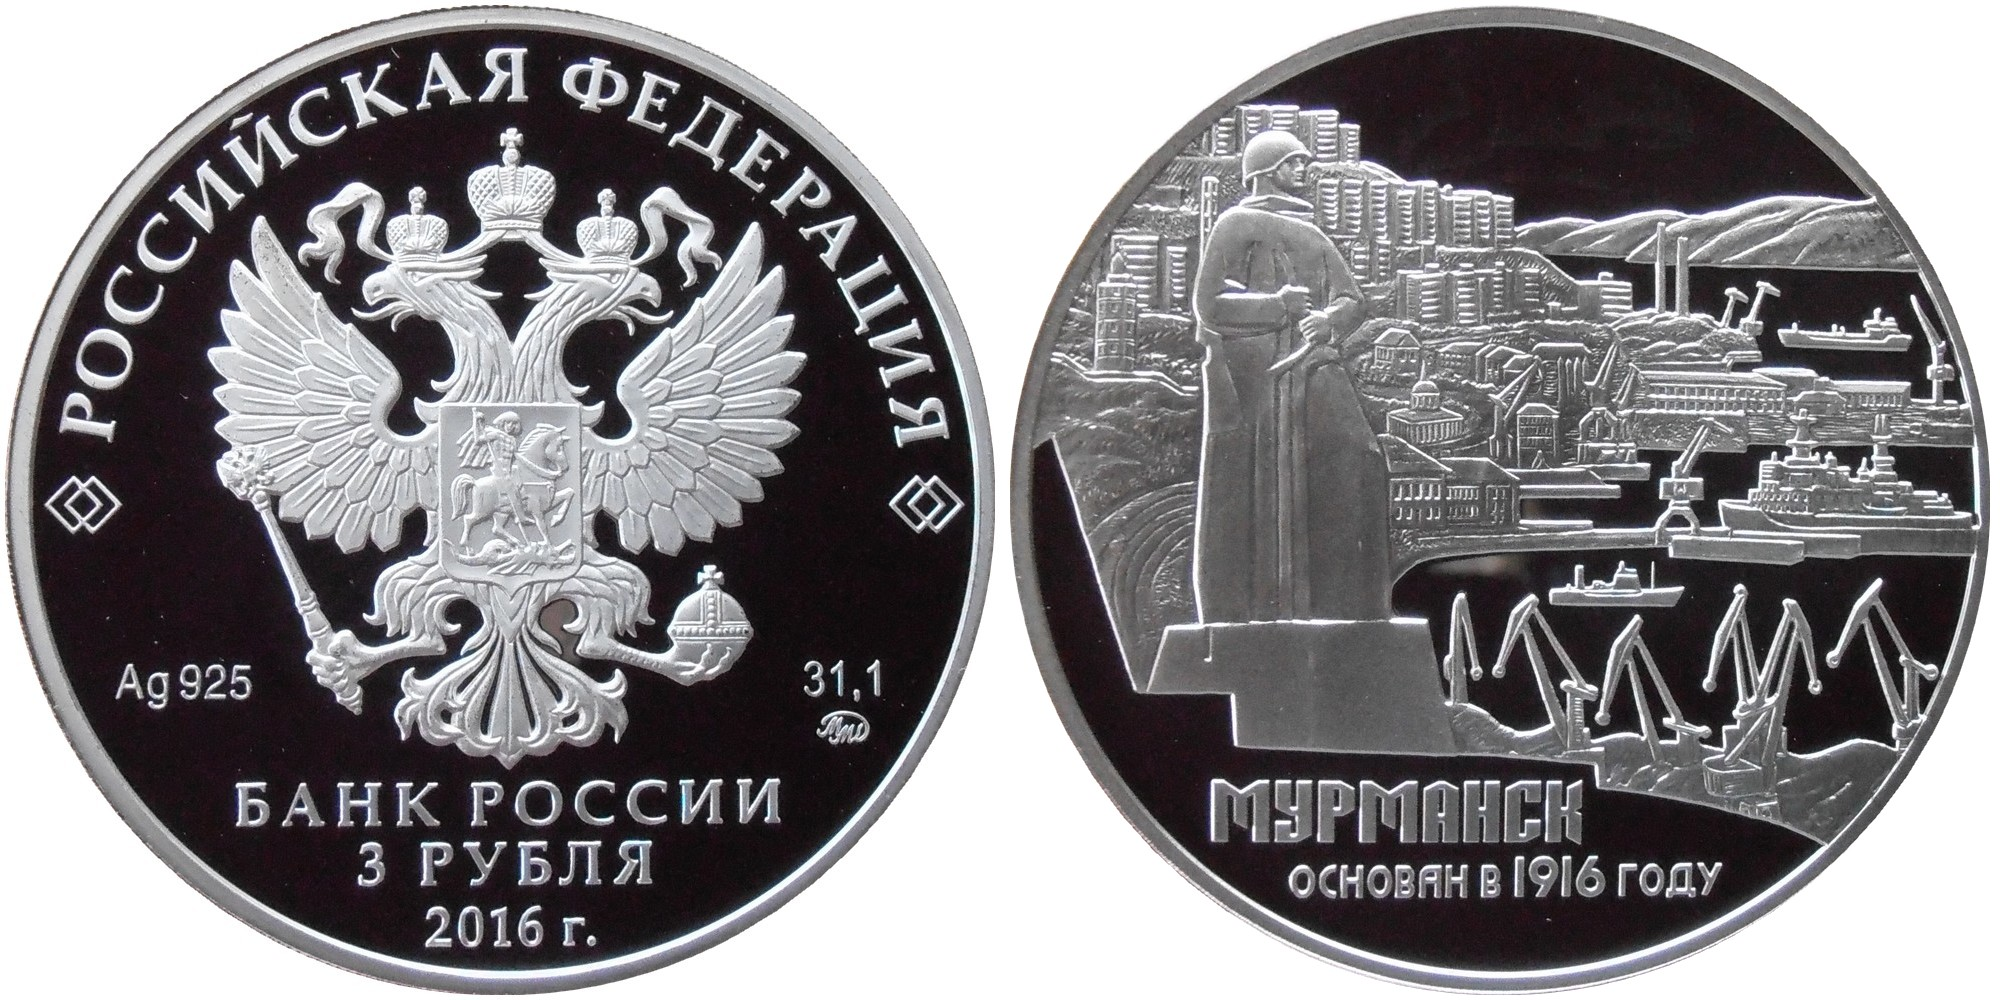 RUSSIE 3 ROUBLES 2016 - 100 ANS DE MOURMANSK